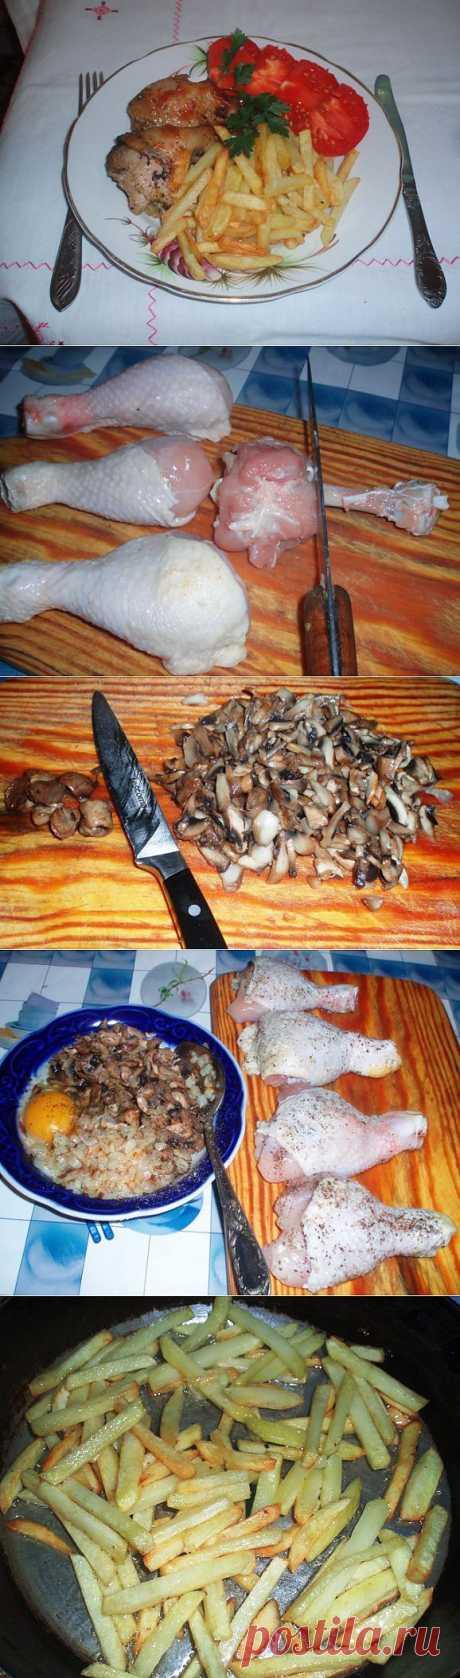 куриные голени | Домашняя еда